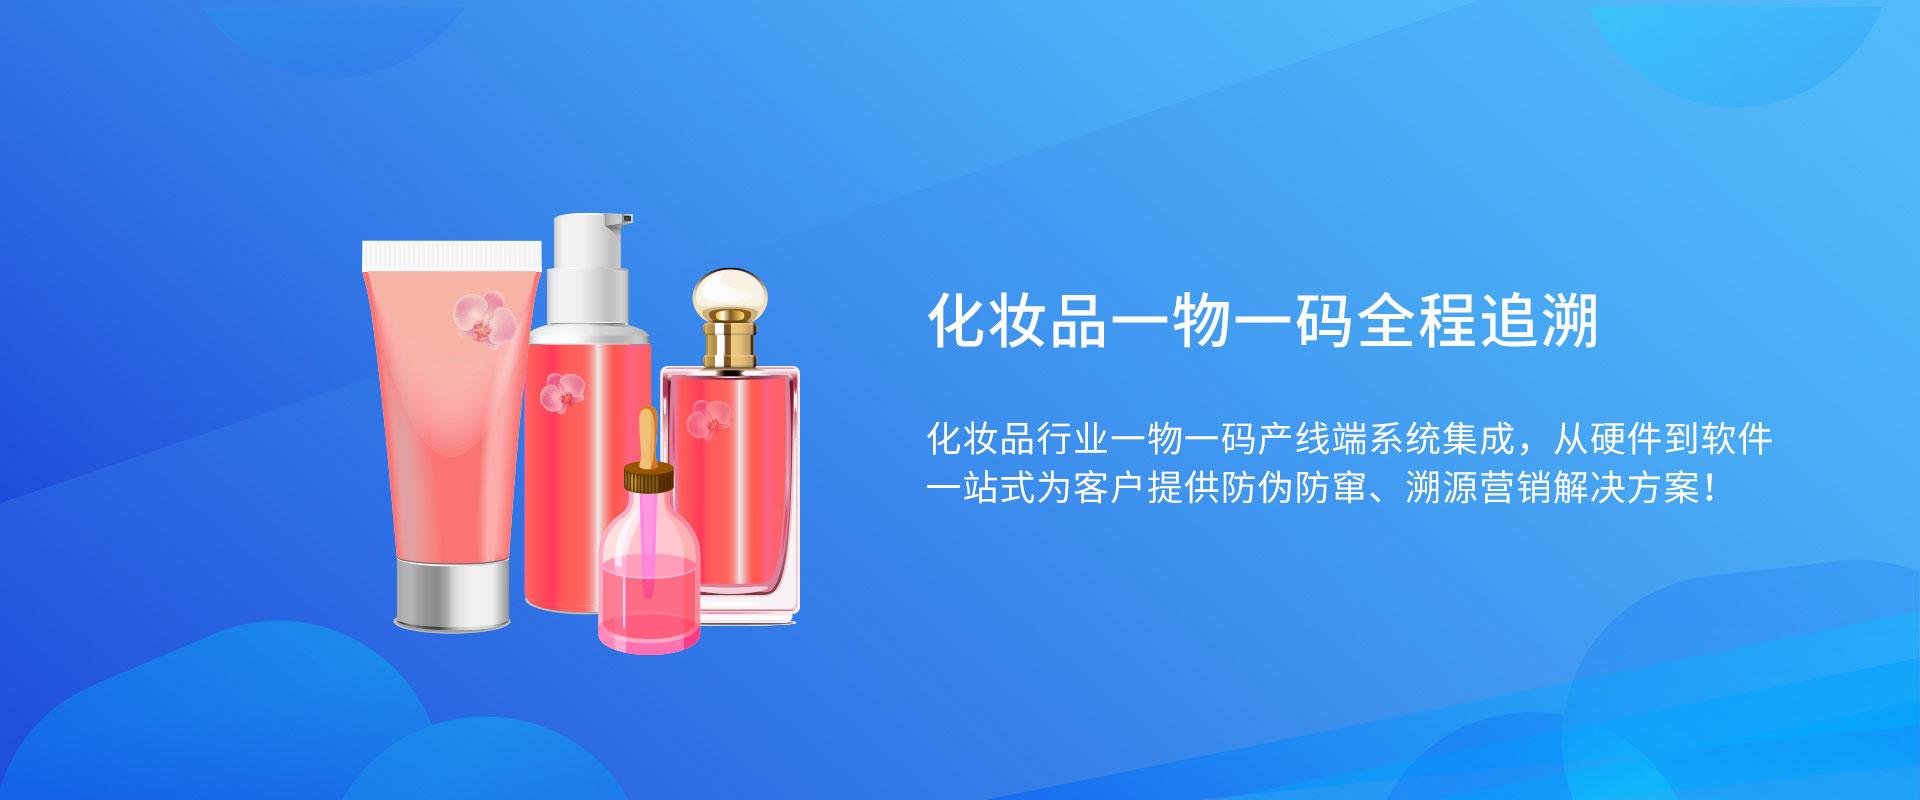 化妆品一物一码解决方案